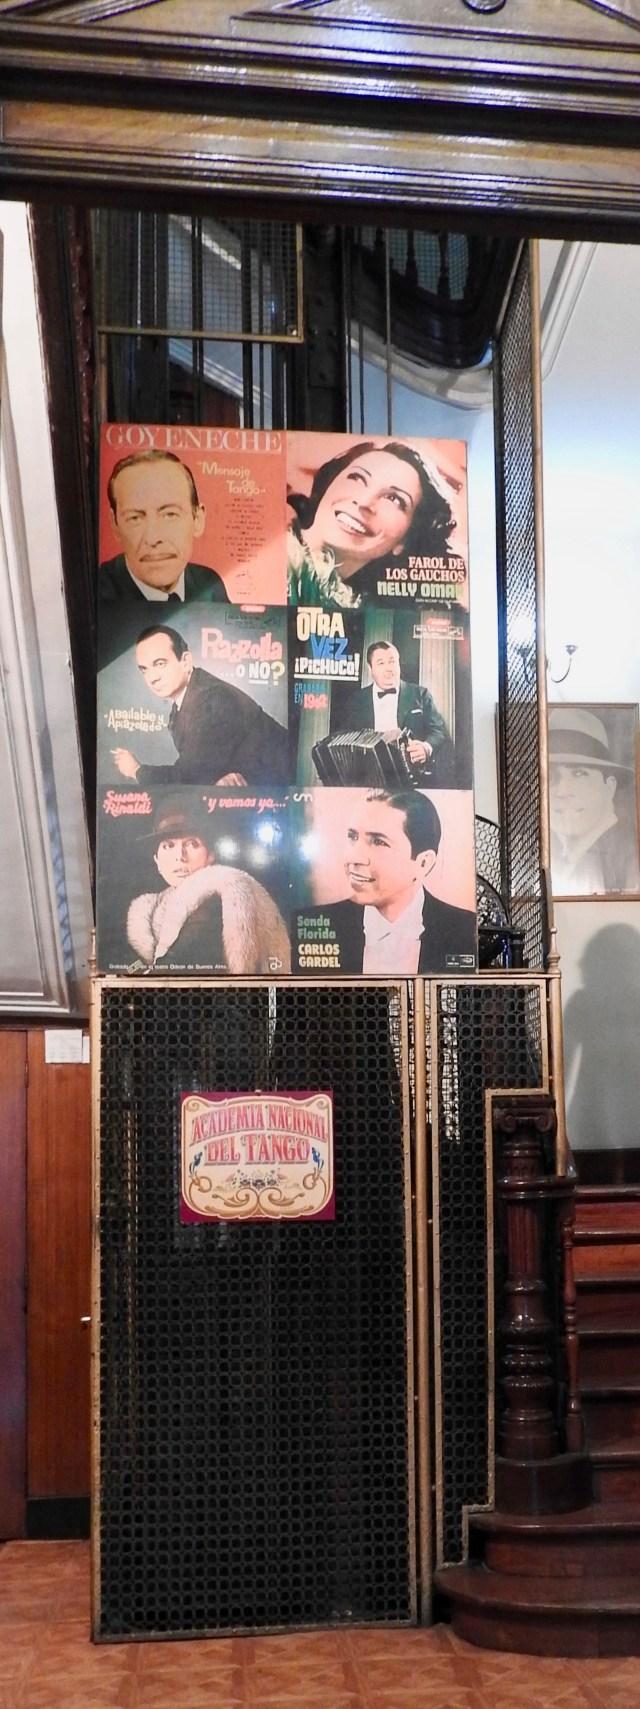 Lift & Exhibits Palacio Carlos Gardel Tango Museum, Buenos Aires